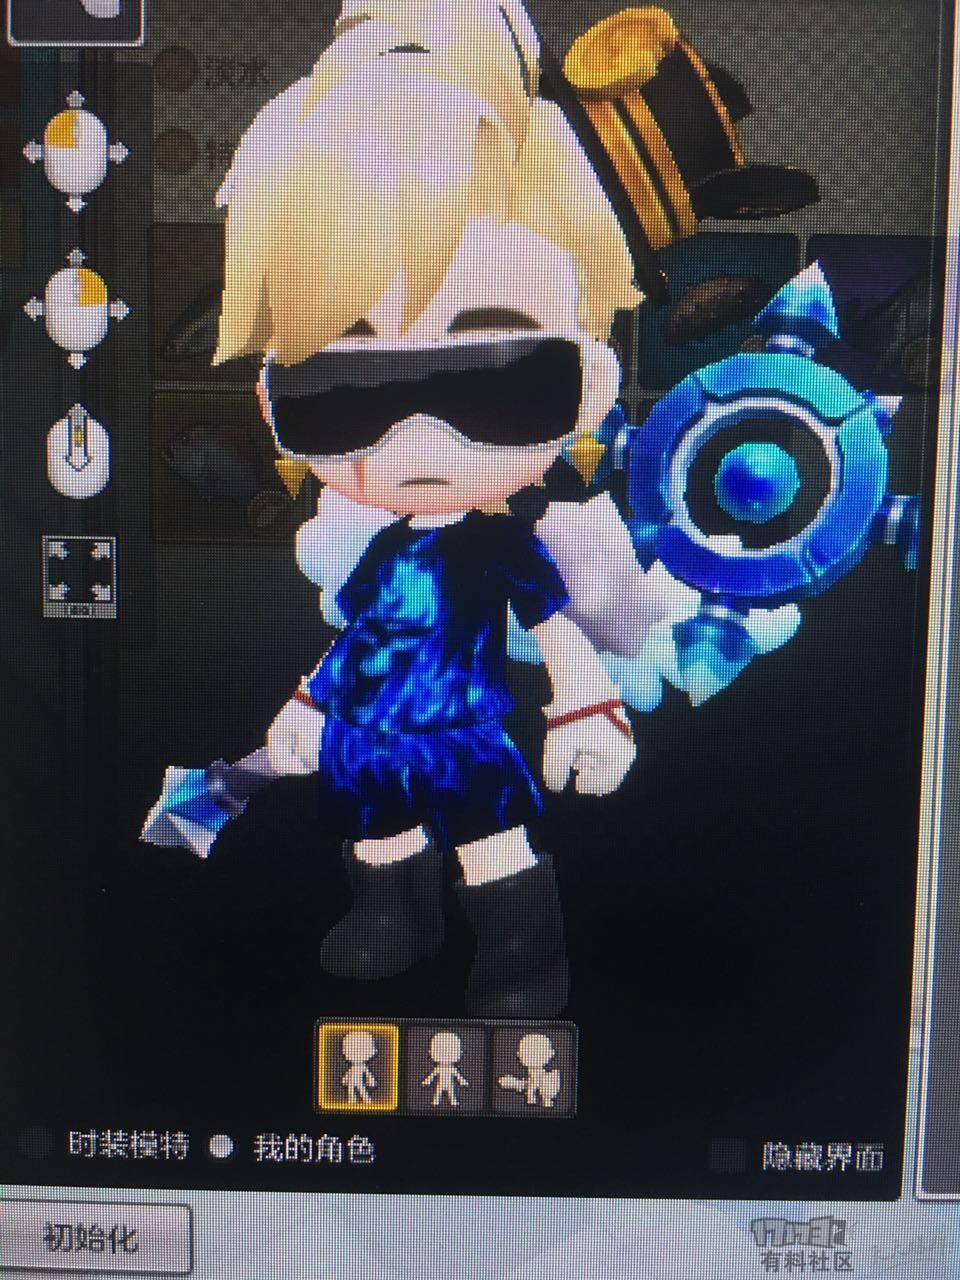 蓝色骷髅套装有喜欢的小伙伴吗??莉莉丝区!!